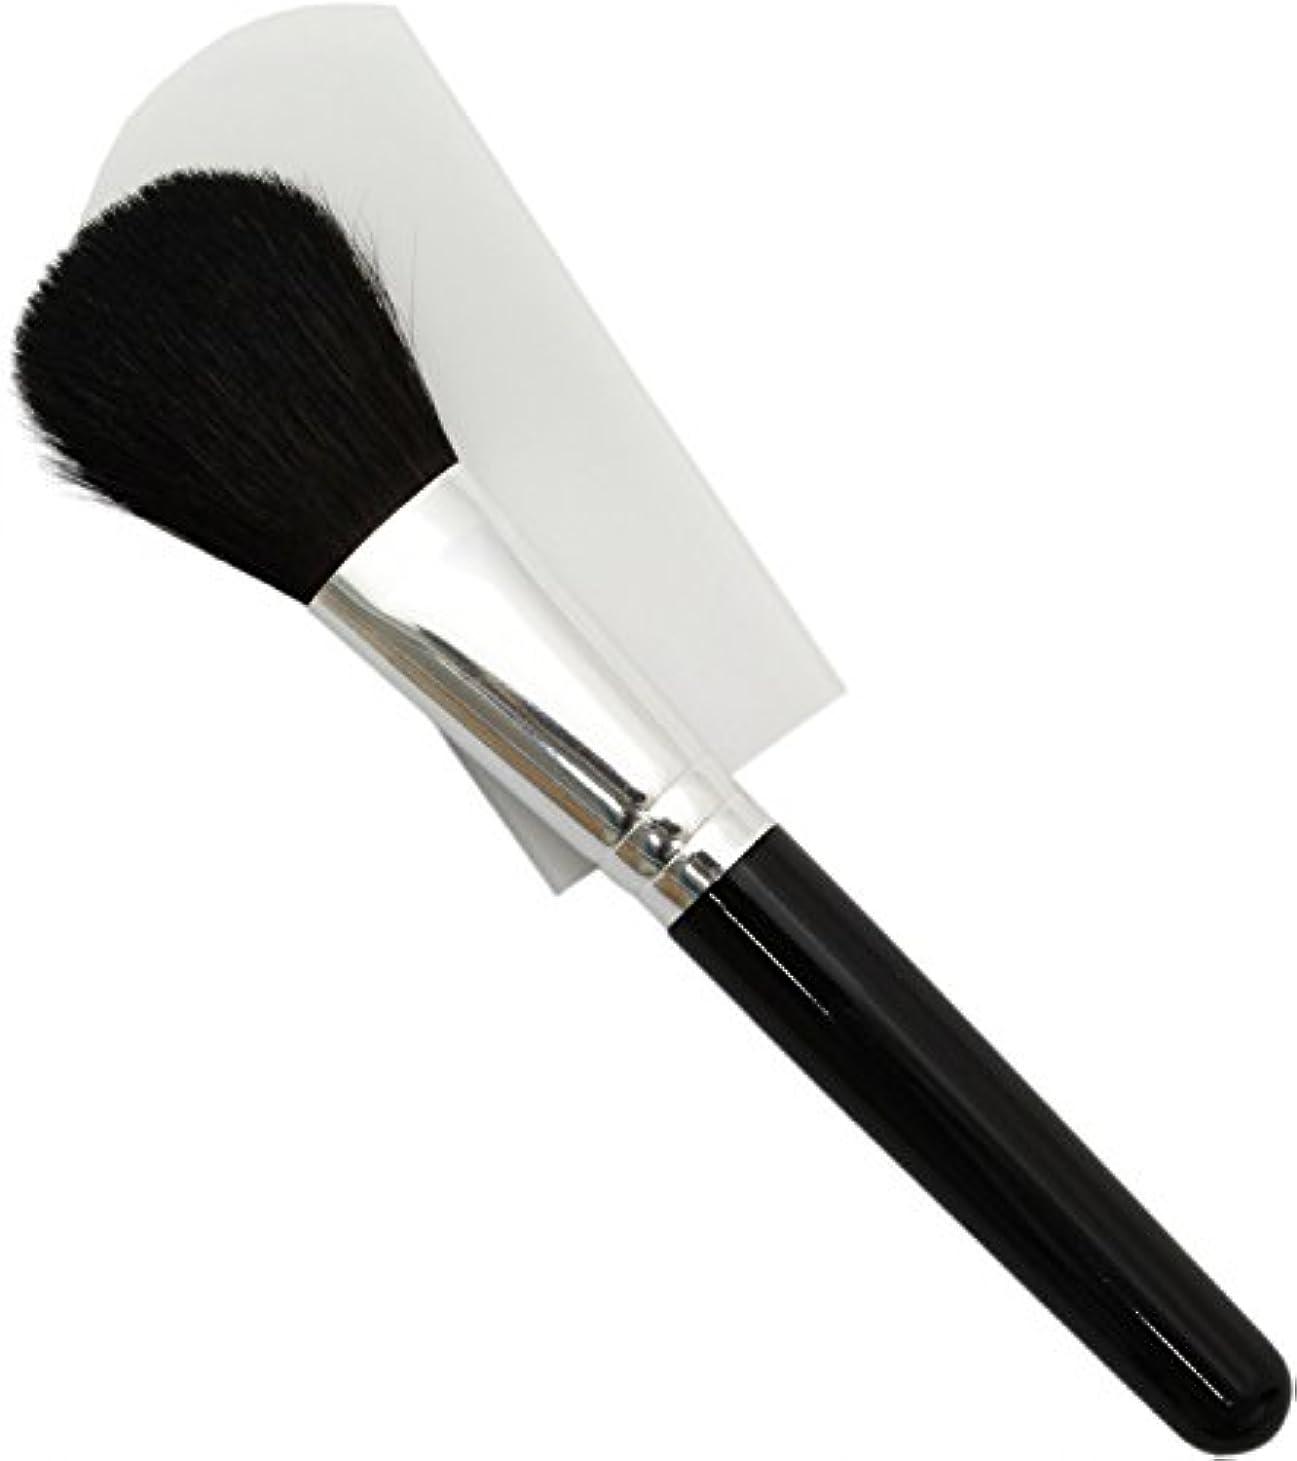 非常に怒っています革新ウミウシ熊野筆 メイクブラシ KUシリーズ チークブラシ 馬毛